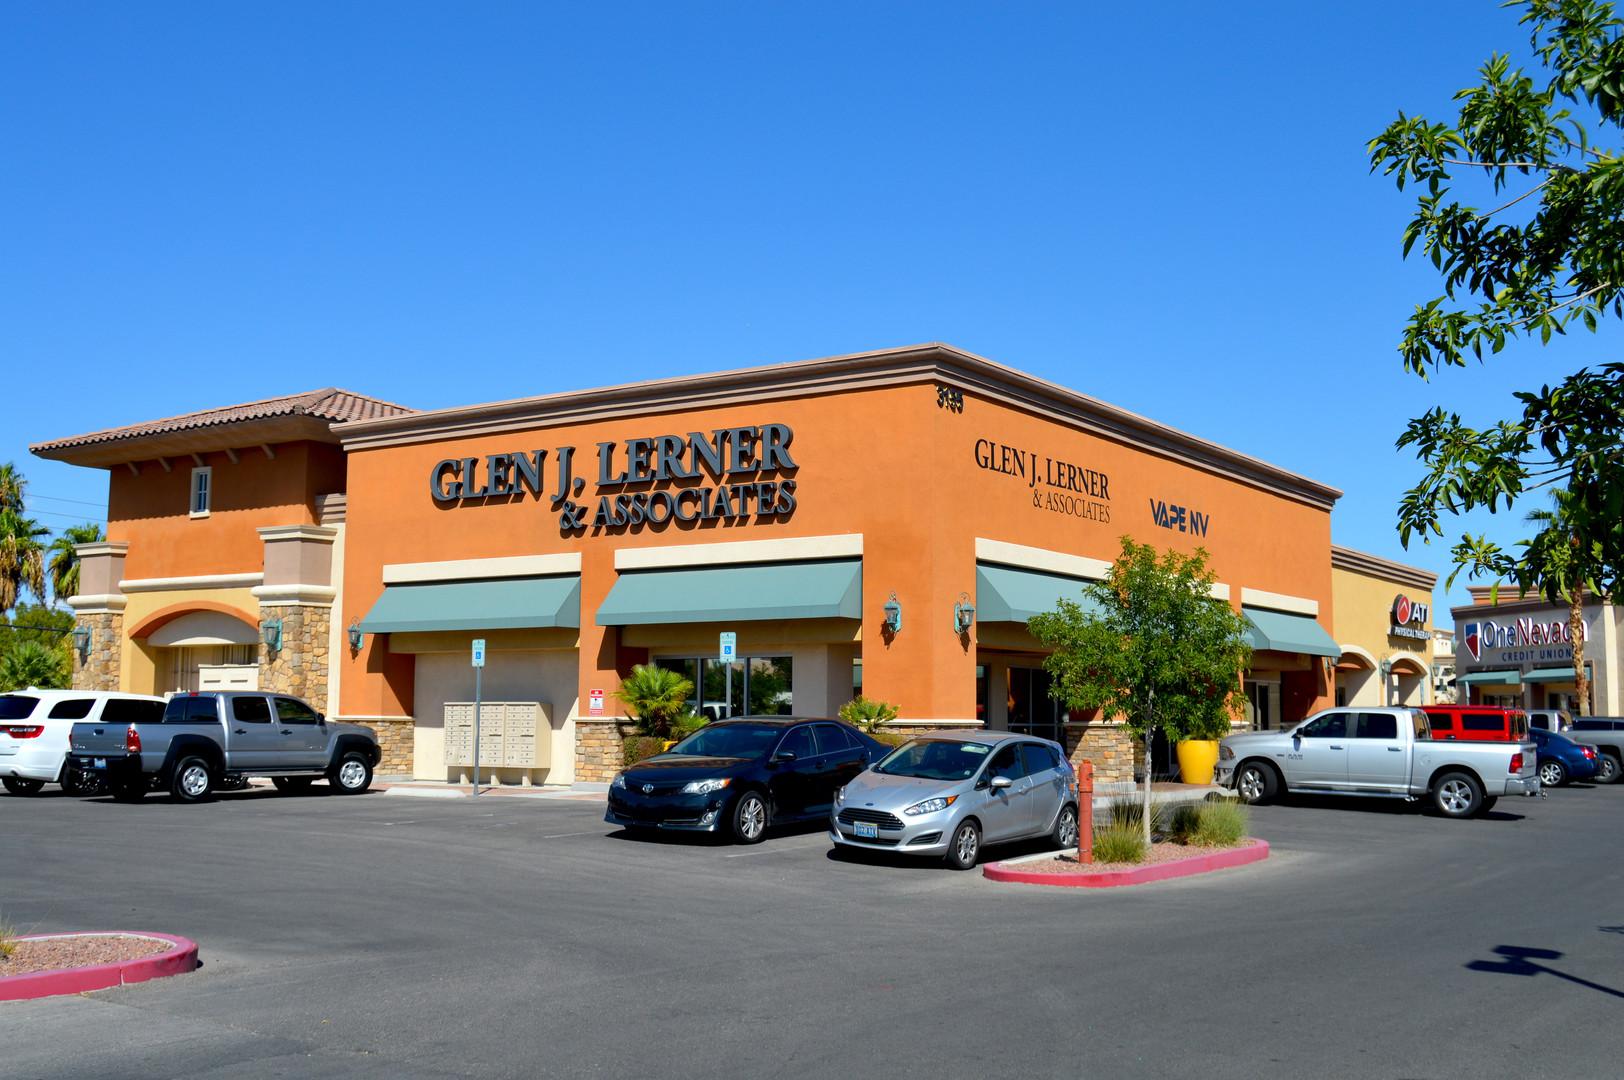 Glen J. Lerner & Associates